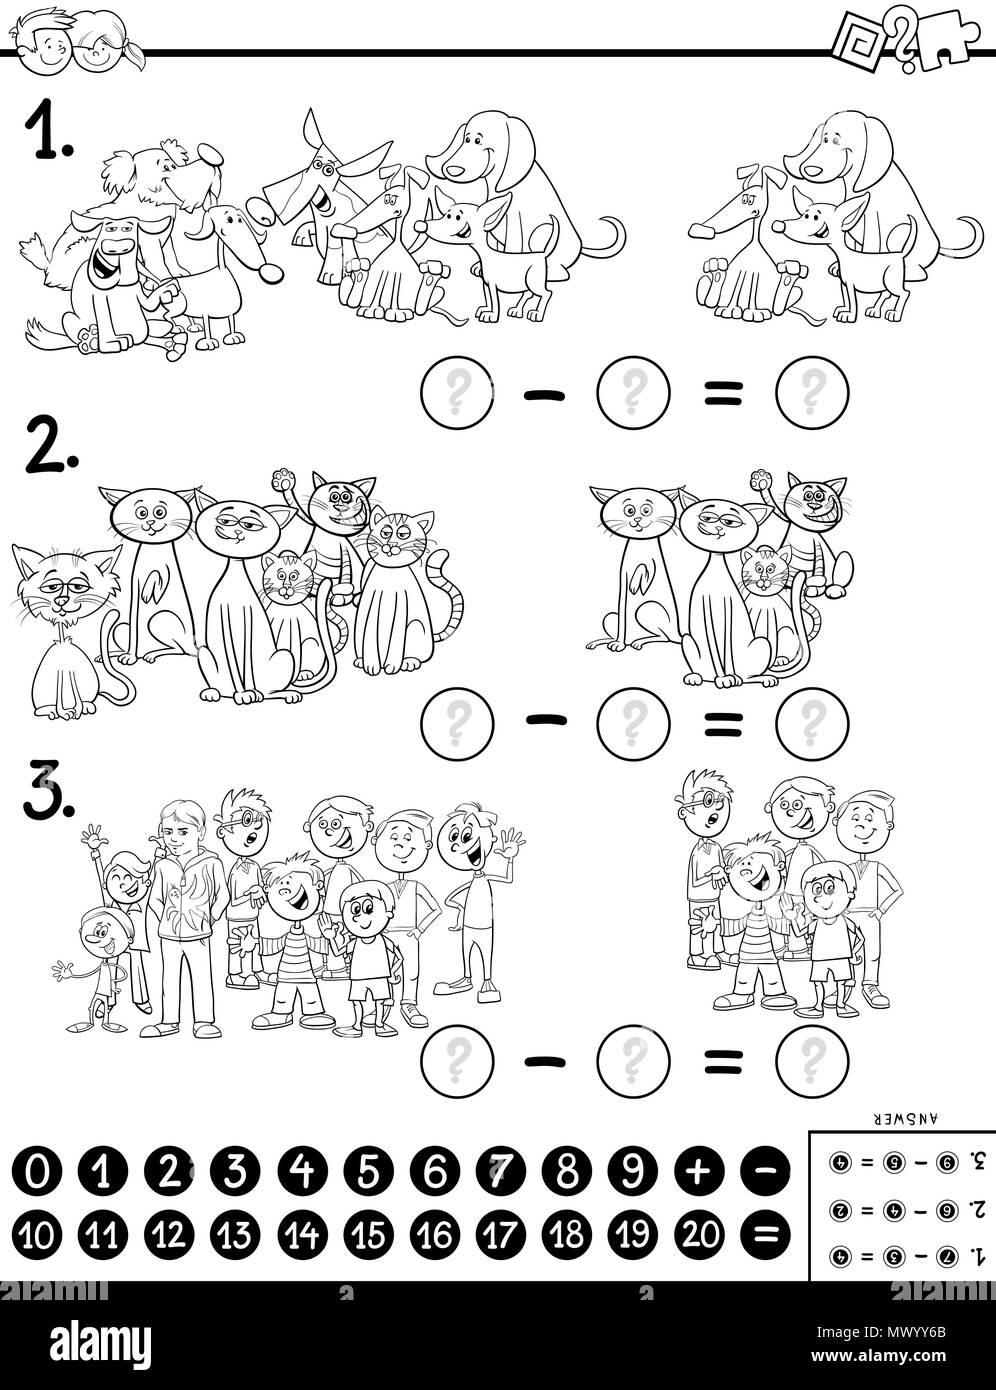 Ilustracion Caricatura En Blanco Y Negro De Matematica Educativa